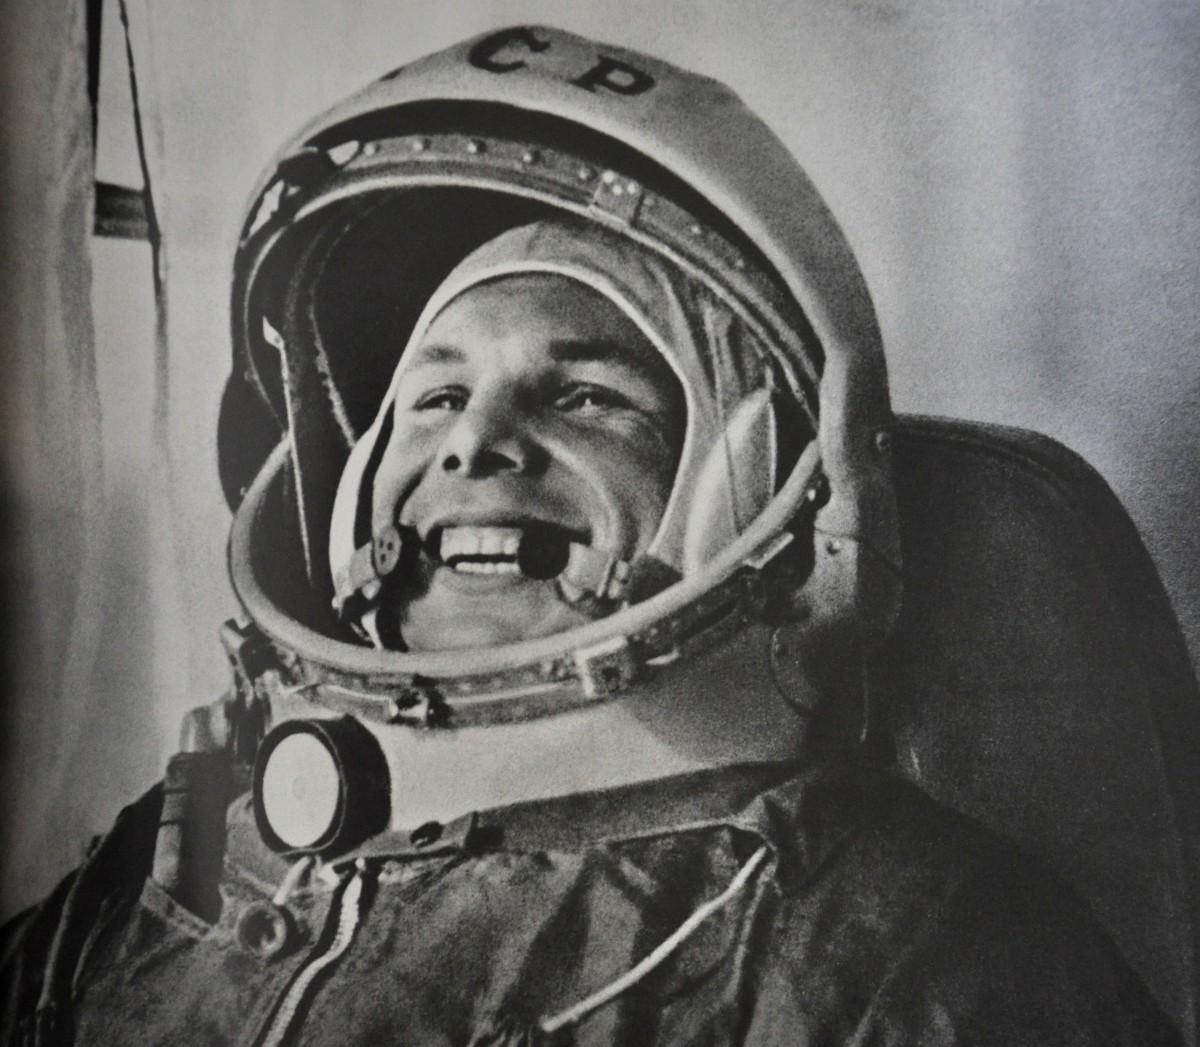 Юрий Алексеевич Гагарин - первый космонавт планеты перед полётом